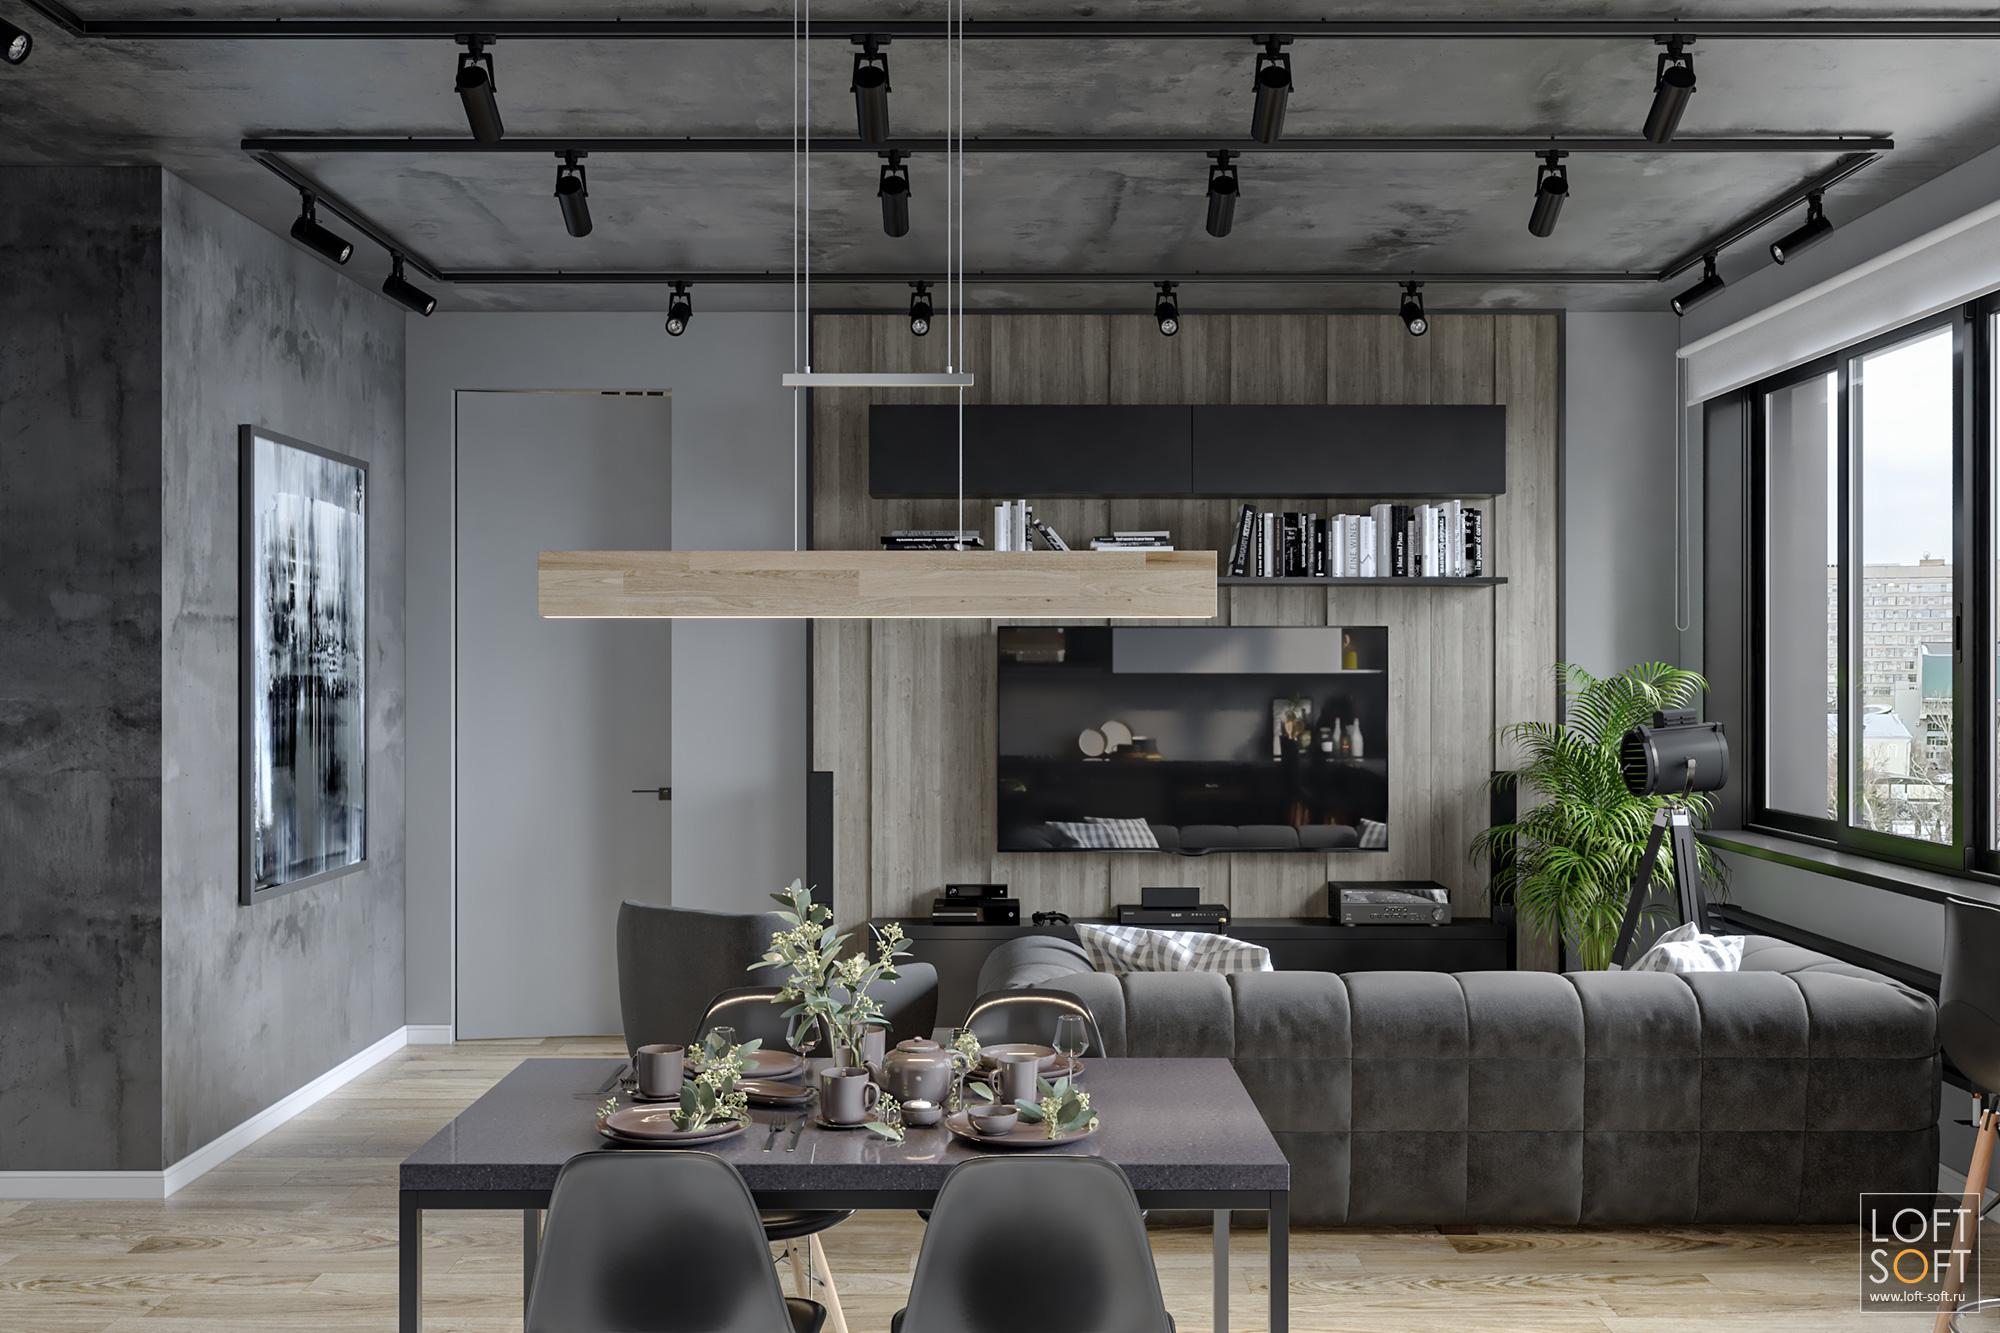 черная штукатурка исерые стены, современный лофт винтерьере